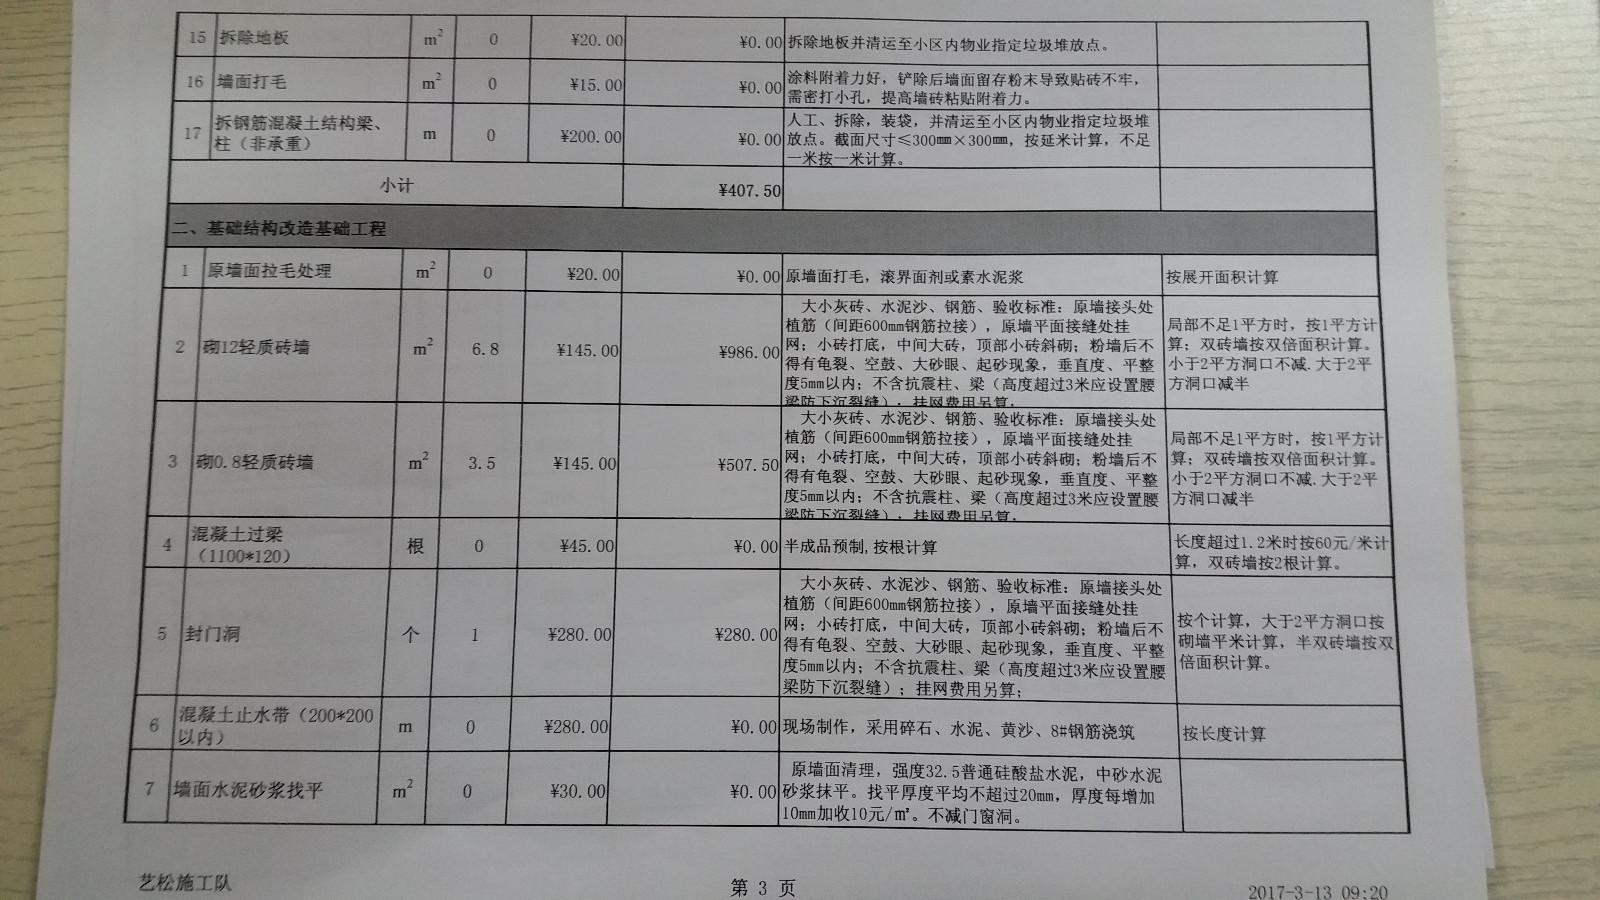 长源假日港湾报价审核结果3